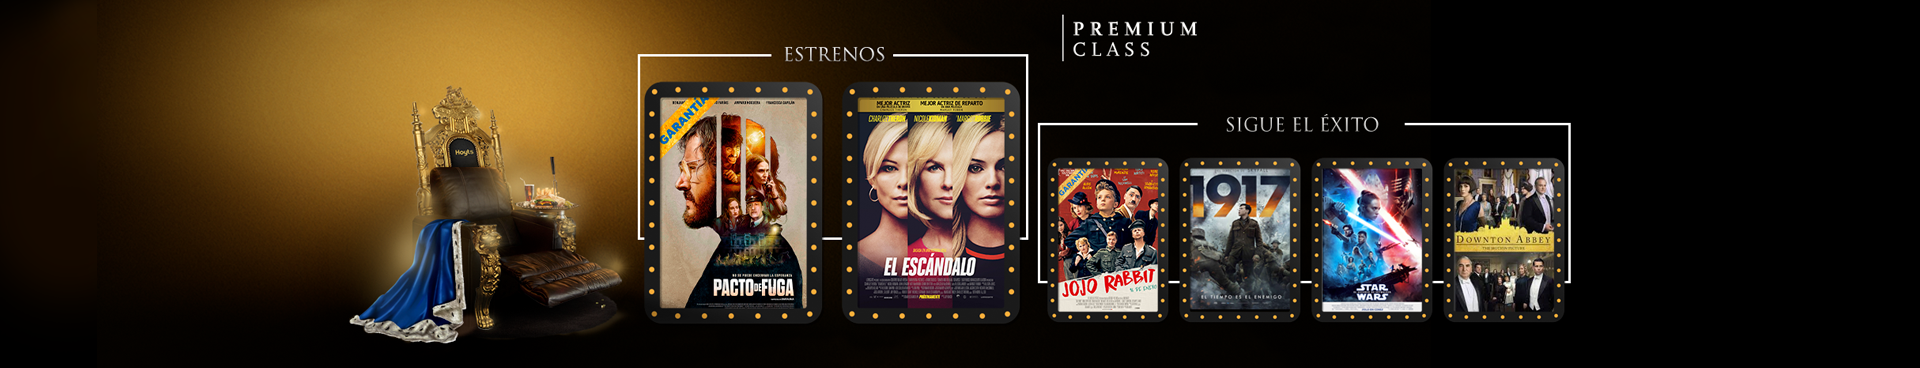 PREMIUM CLASS: PACTO DE FUGA + EL ESCANDALO // SIGUE EL ÉXITO: JOJO RABBIT + 1917  + STAR WARS: EL ASCENSO DE SKYWALKER + DOWNTON ABBEY